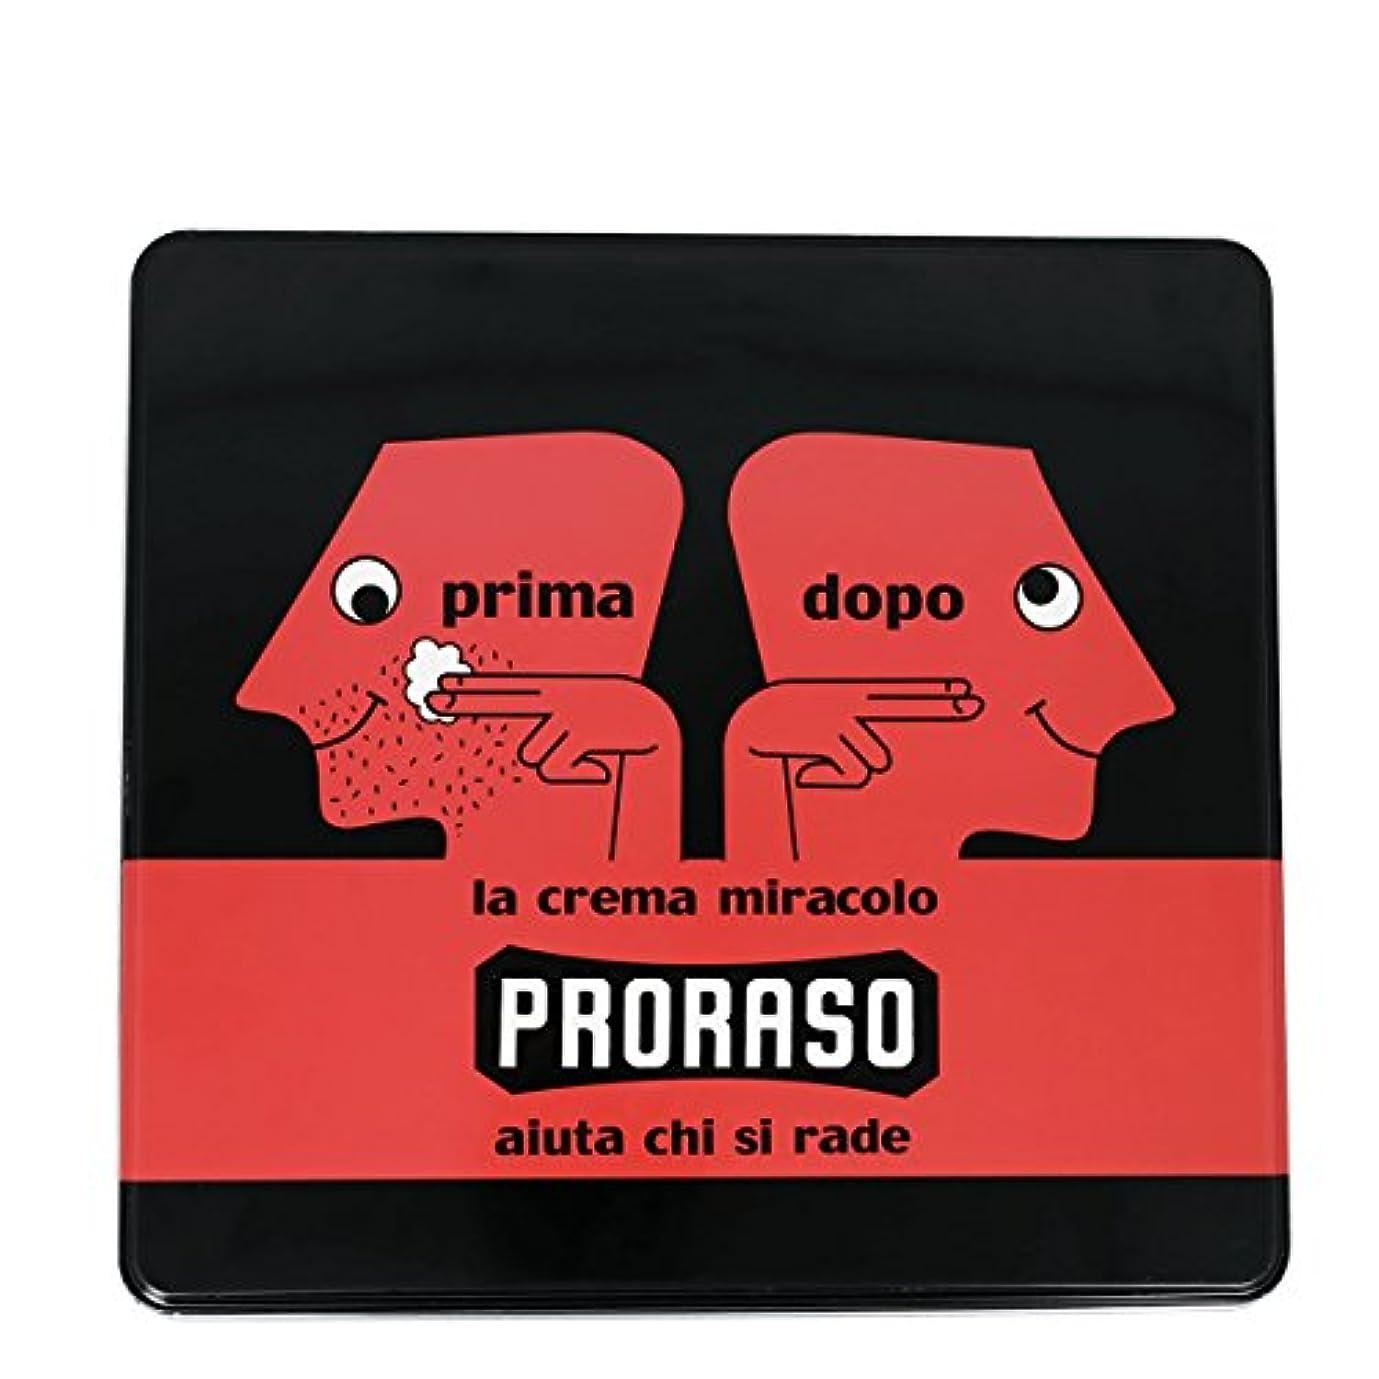 遡る産地製品Proraso Primadopo ヴィンテージ ナリシング セレクション 缶[海外直送品] [並行輸入品]